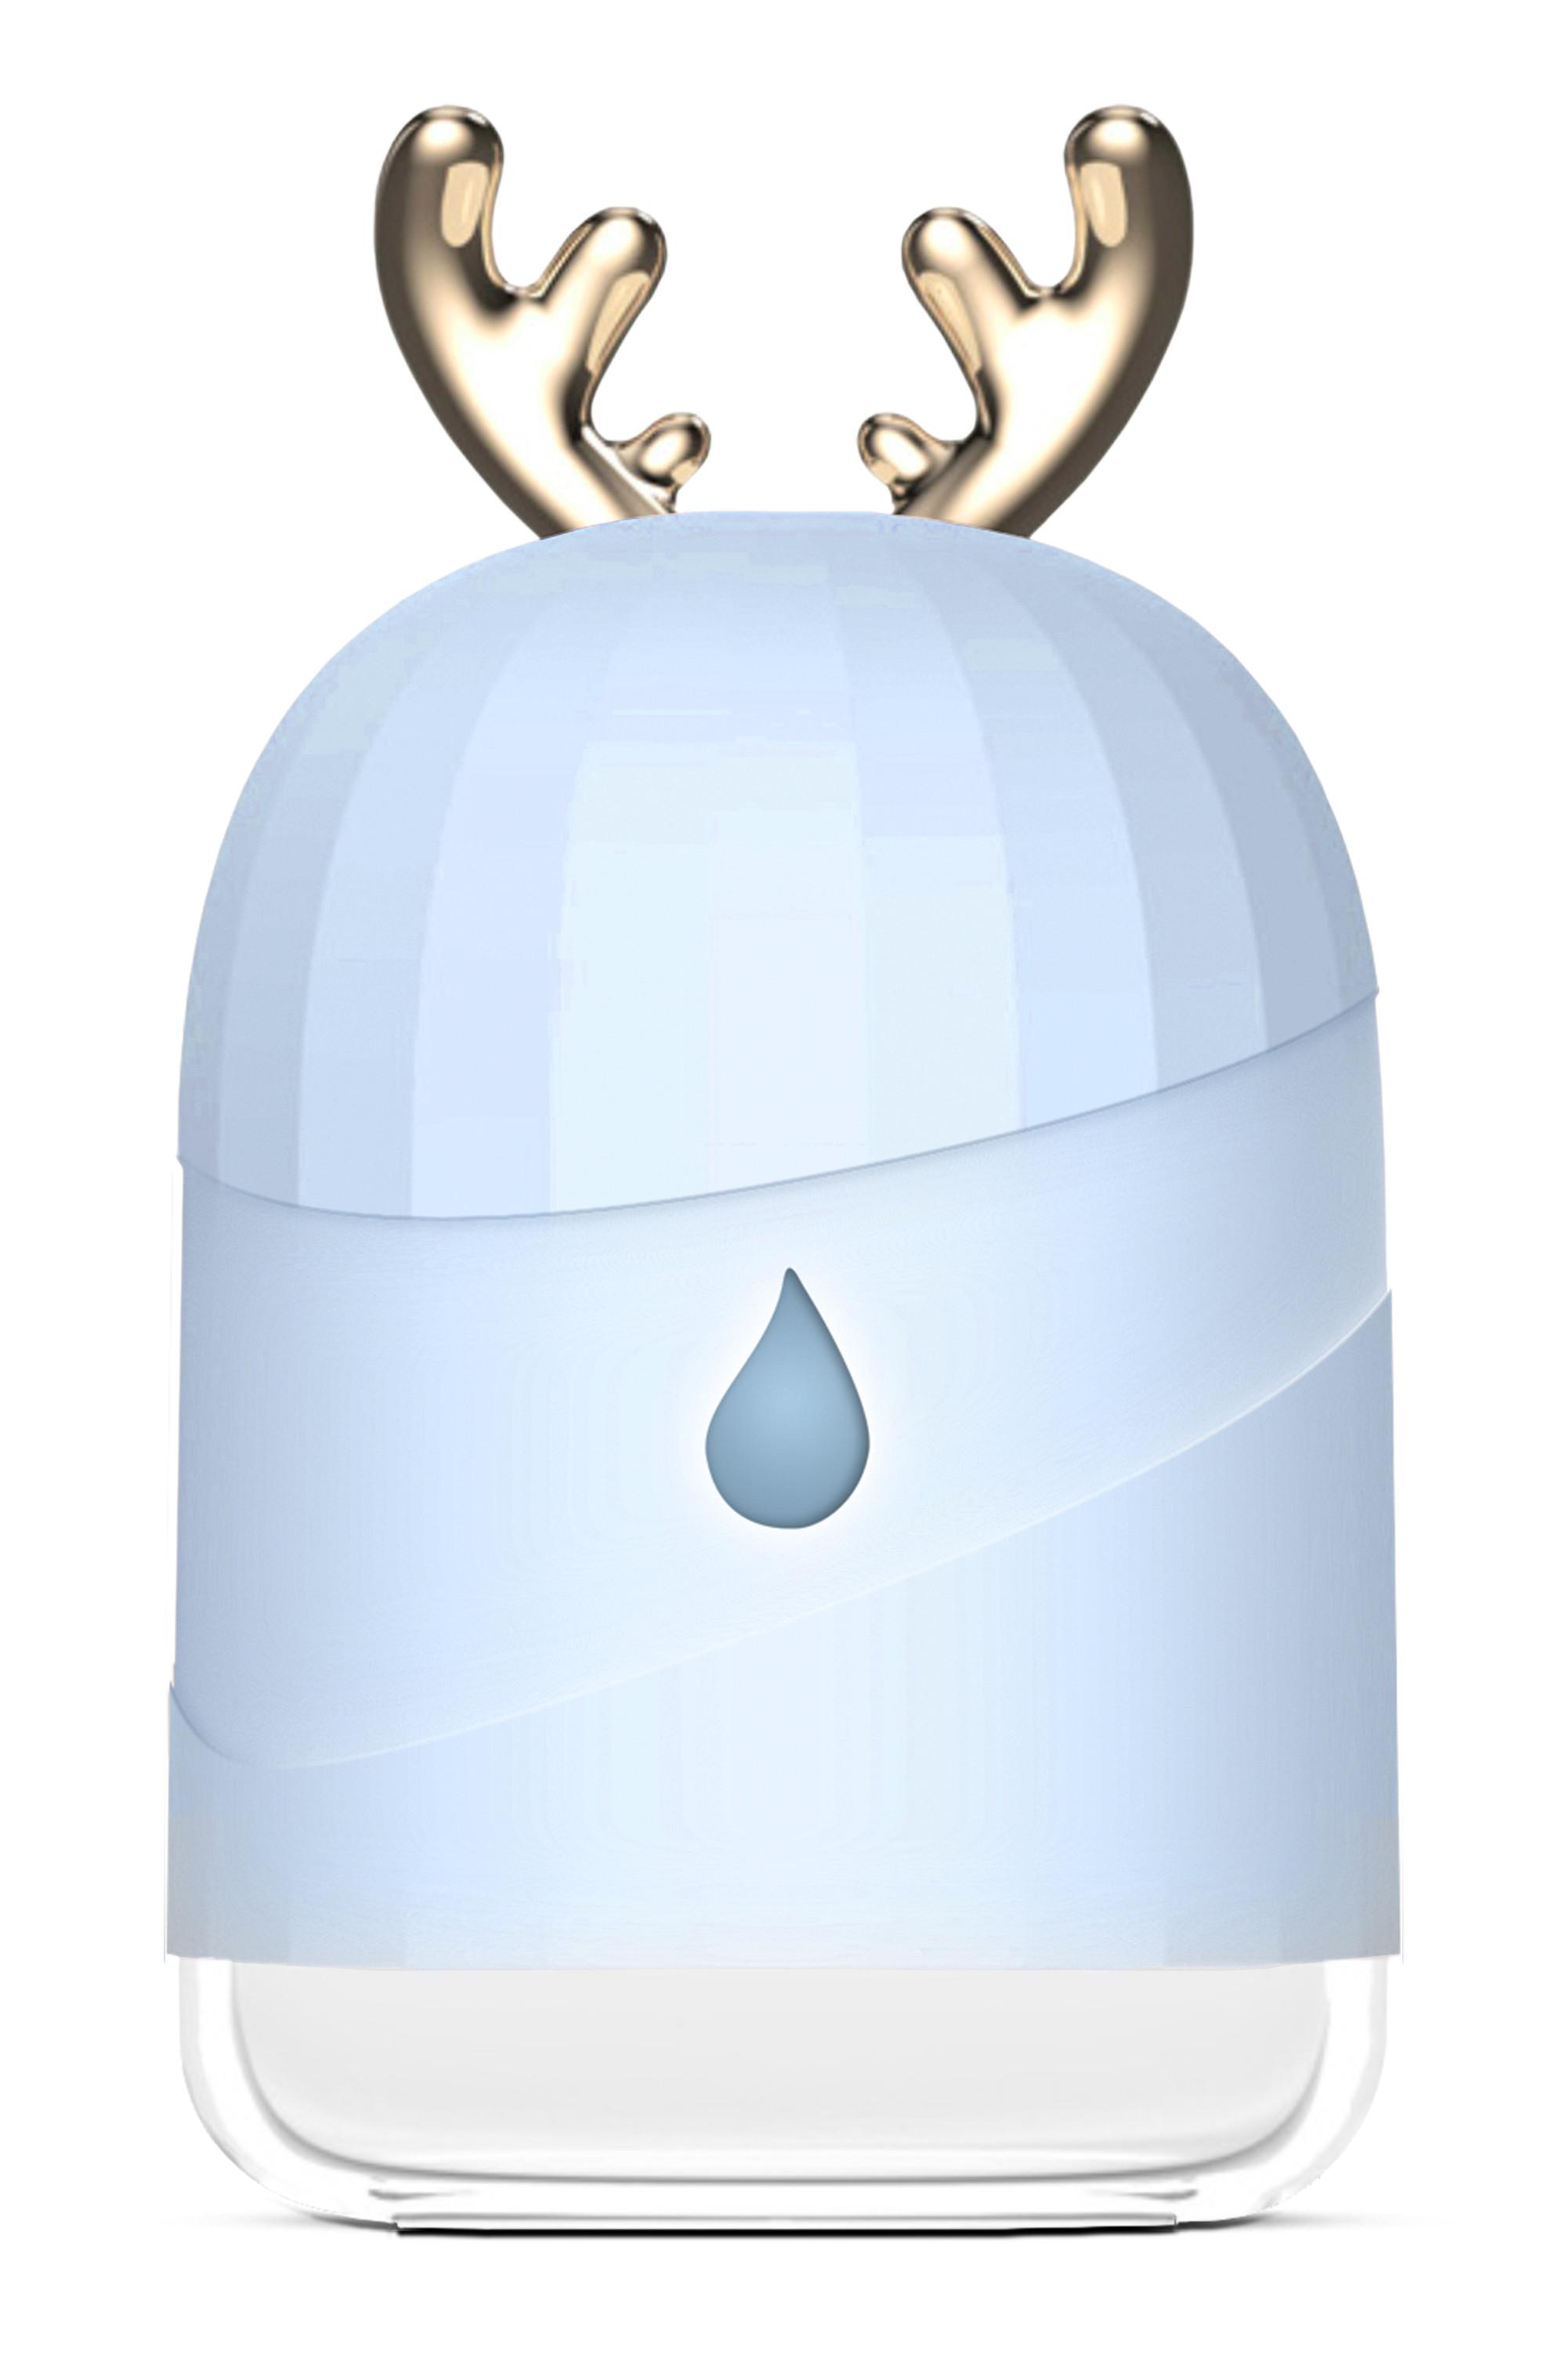 Błękitny nawilżacz powietrza Cronos Pearly na białym tle